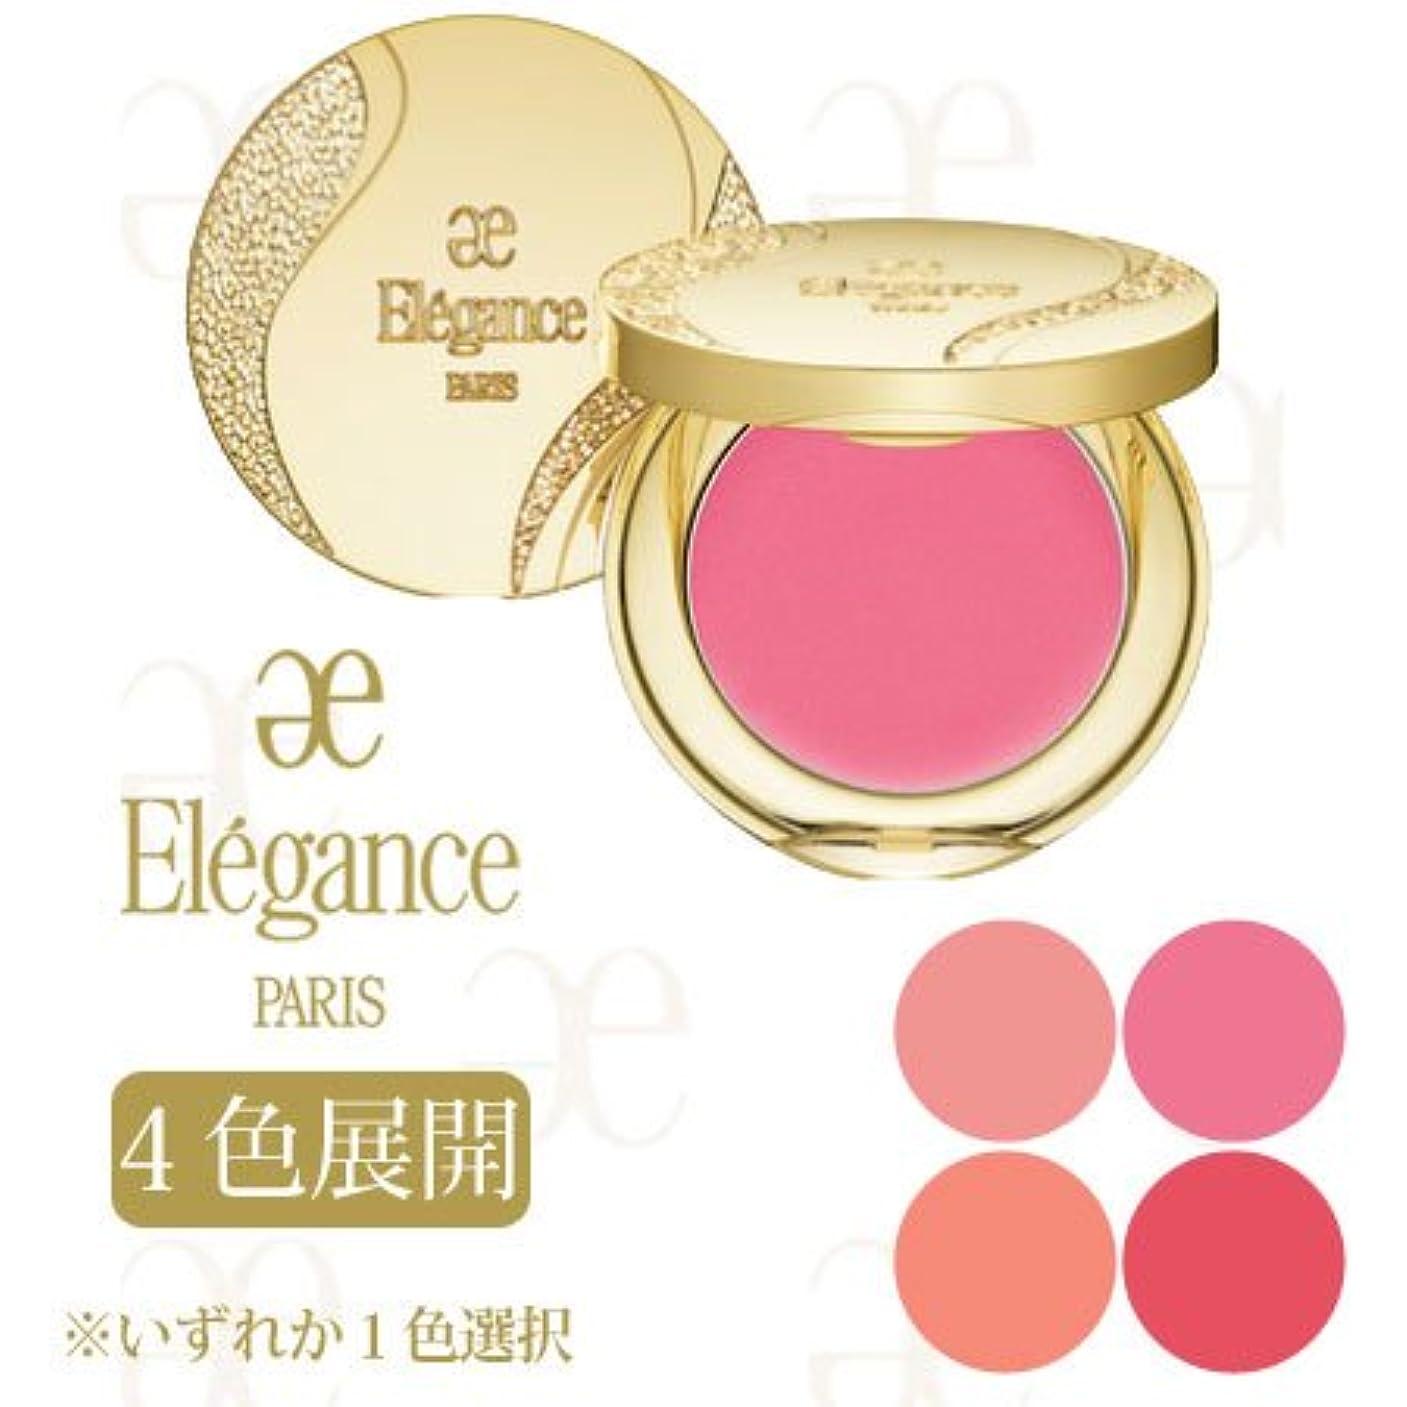 大量器具礼拝エレガンス スリーク フェイス N (クリームチーク) 全4色展開 -ELEGANCE- PK102